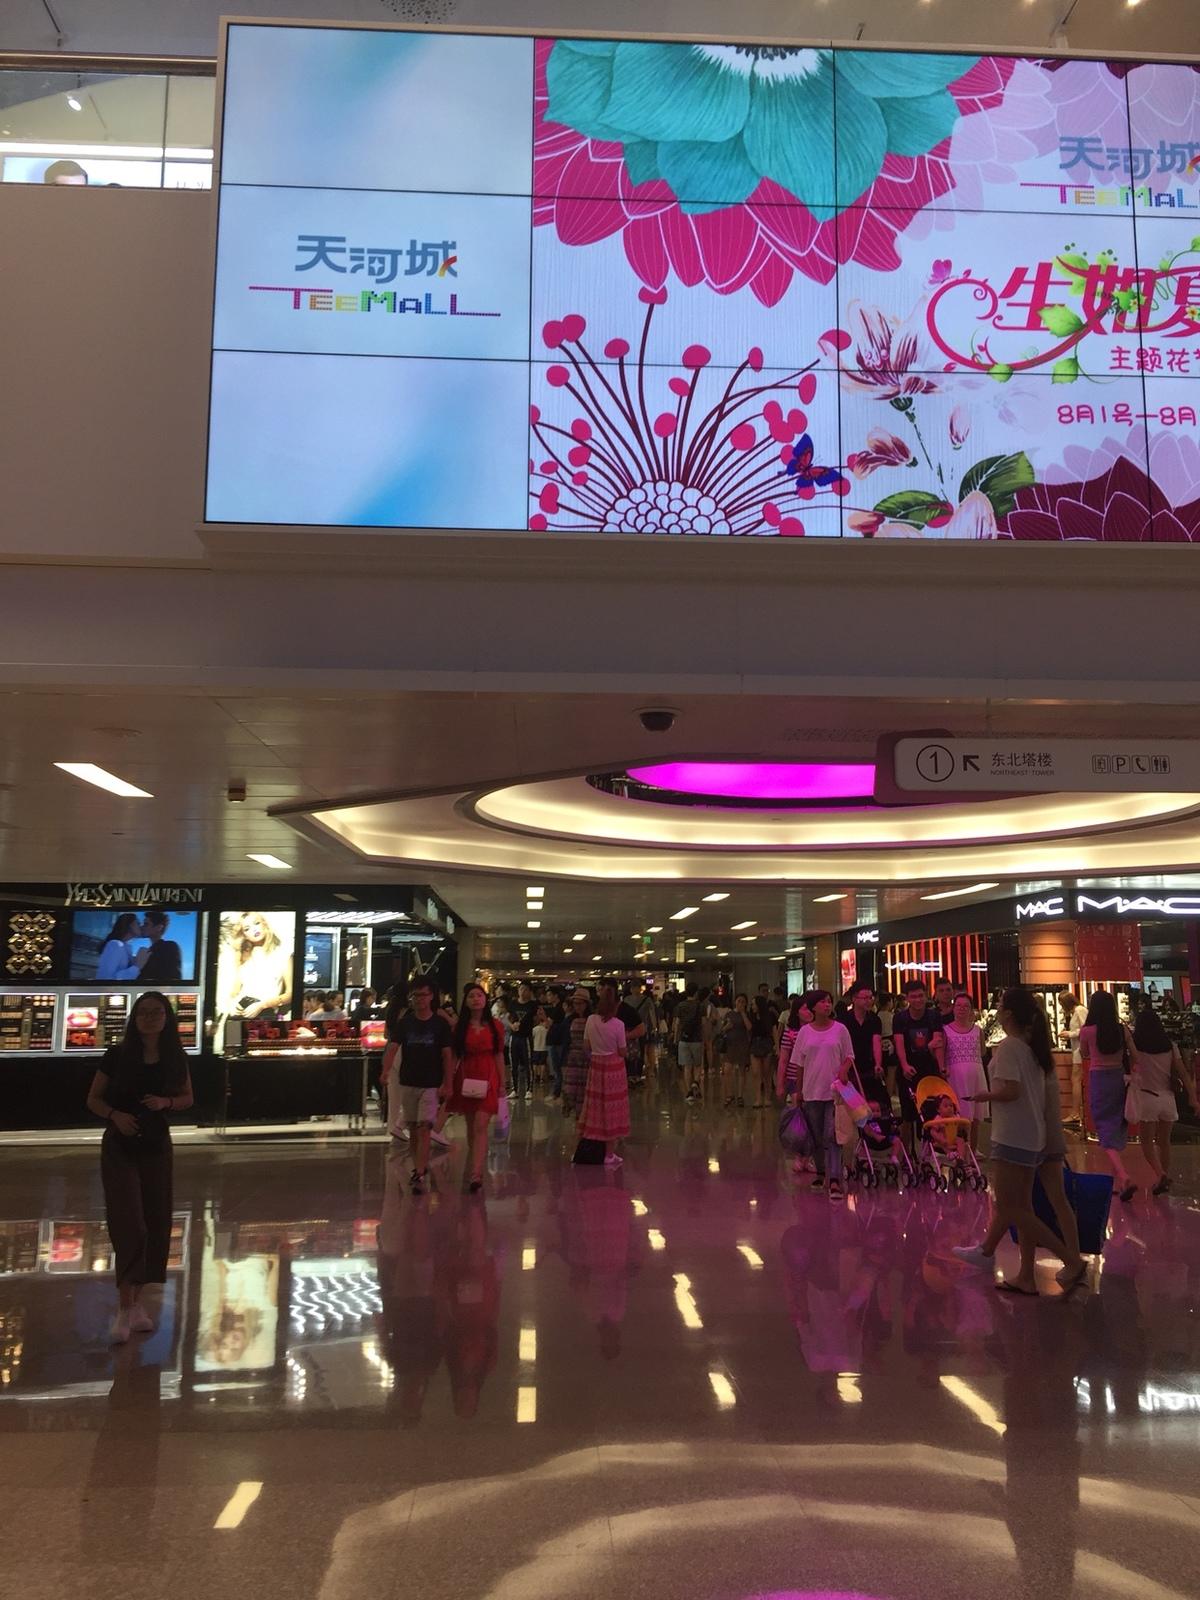 اجمل مدن العالم الصين 474205 المسافرون العرب